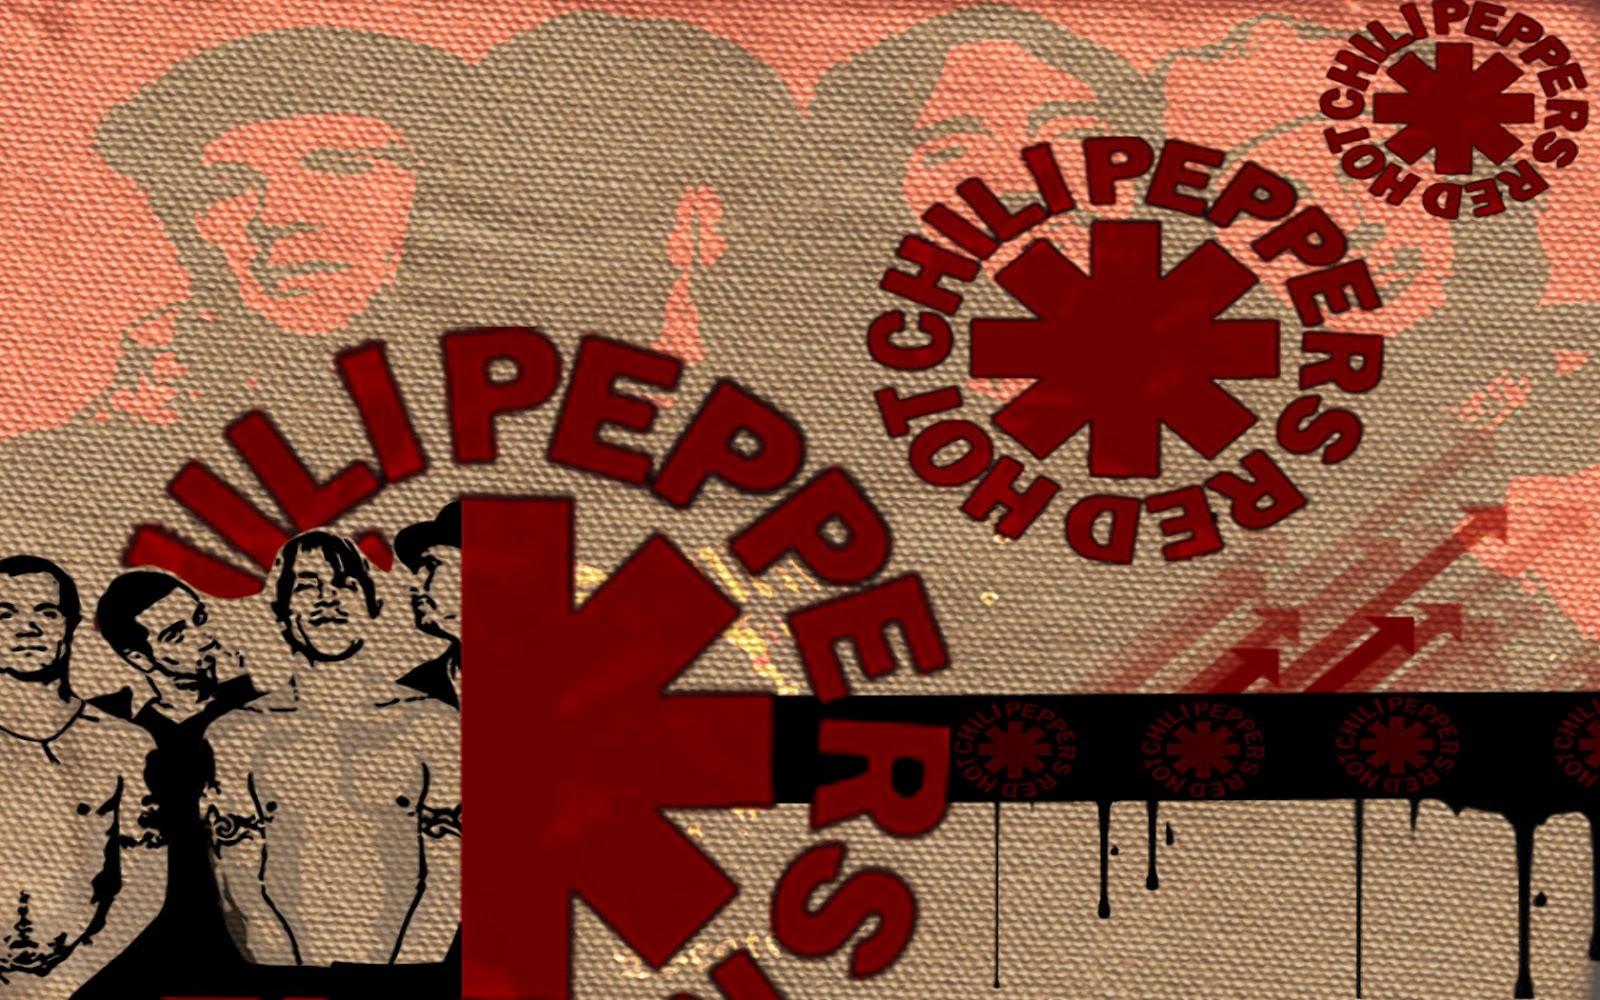 http://2.bp.blogspot.com/-DX6oa5dcUgc/UDOIwwsBpVI/AAAAAAAACBg/uSjGB0gWCz4/s1600/red_a_chili_peppers_desktop_1680x1050_hd-wallpaper-717213.jpg